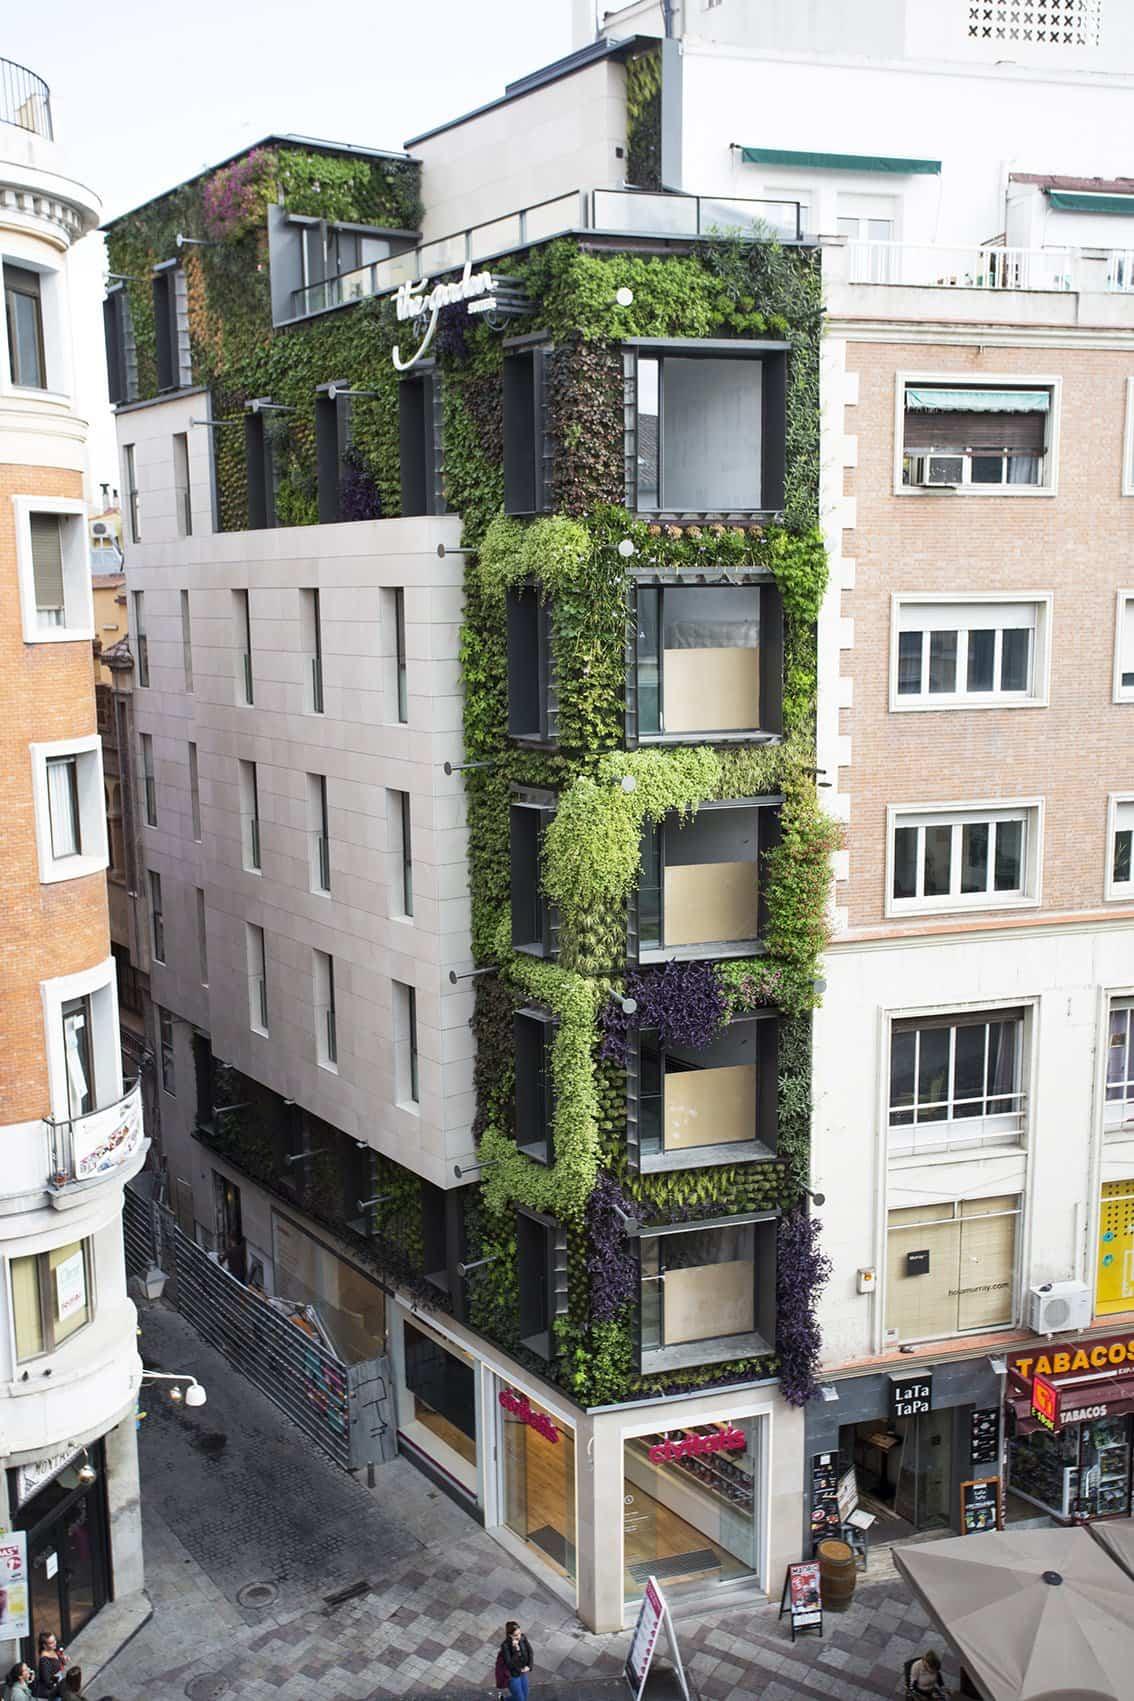 jardin vertical montera madrid 1